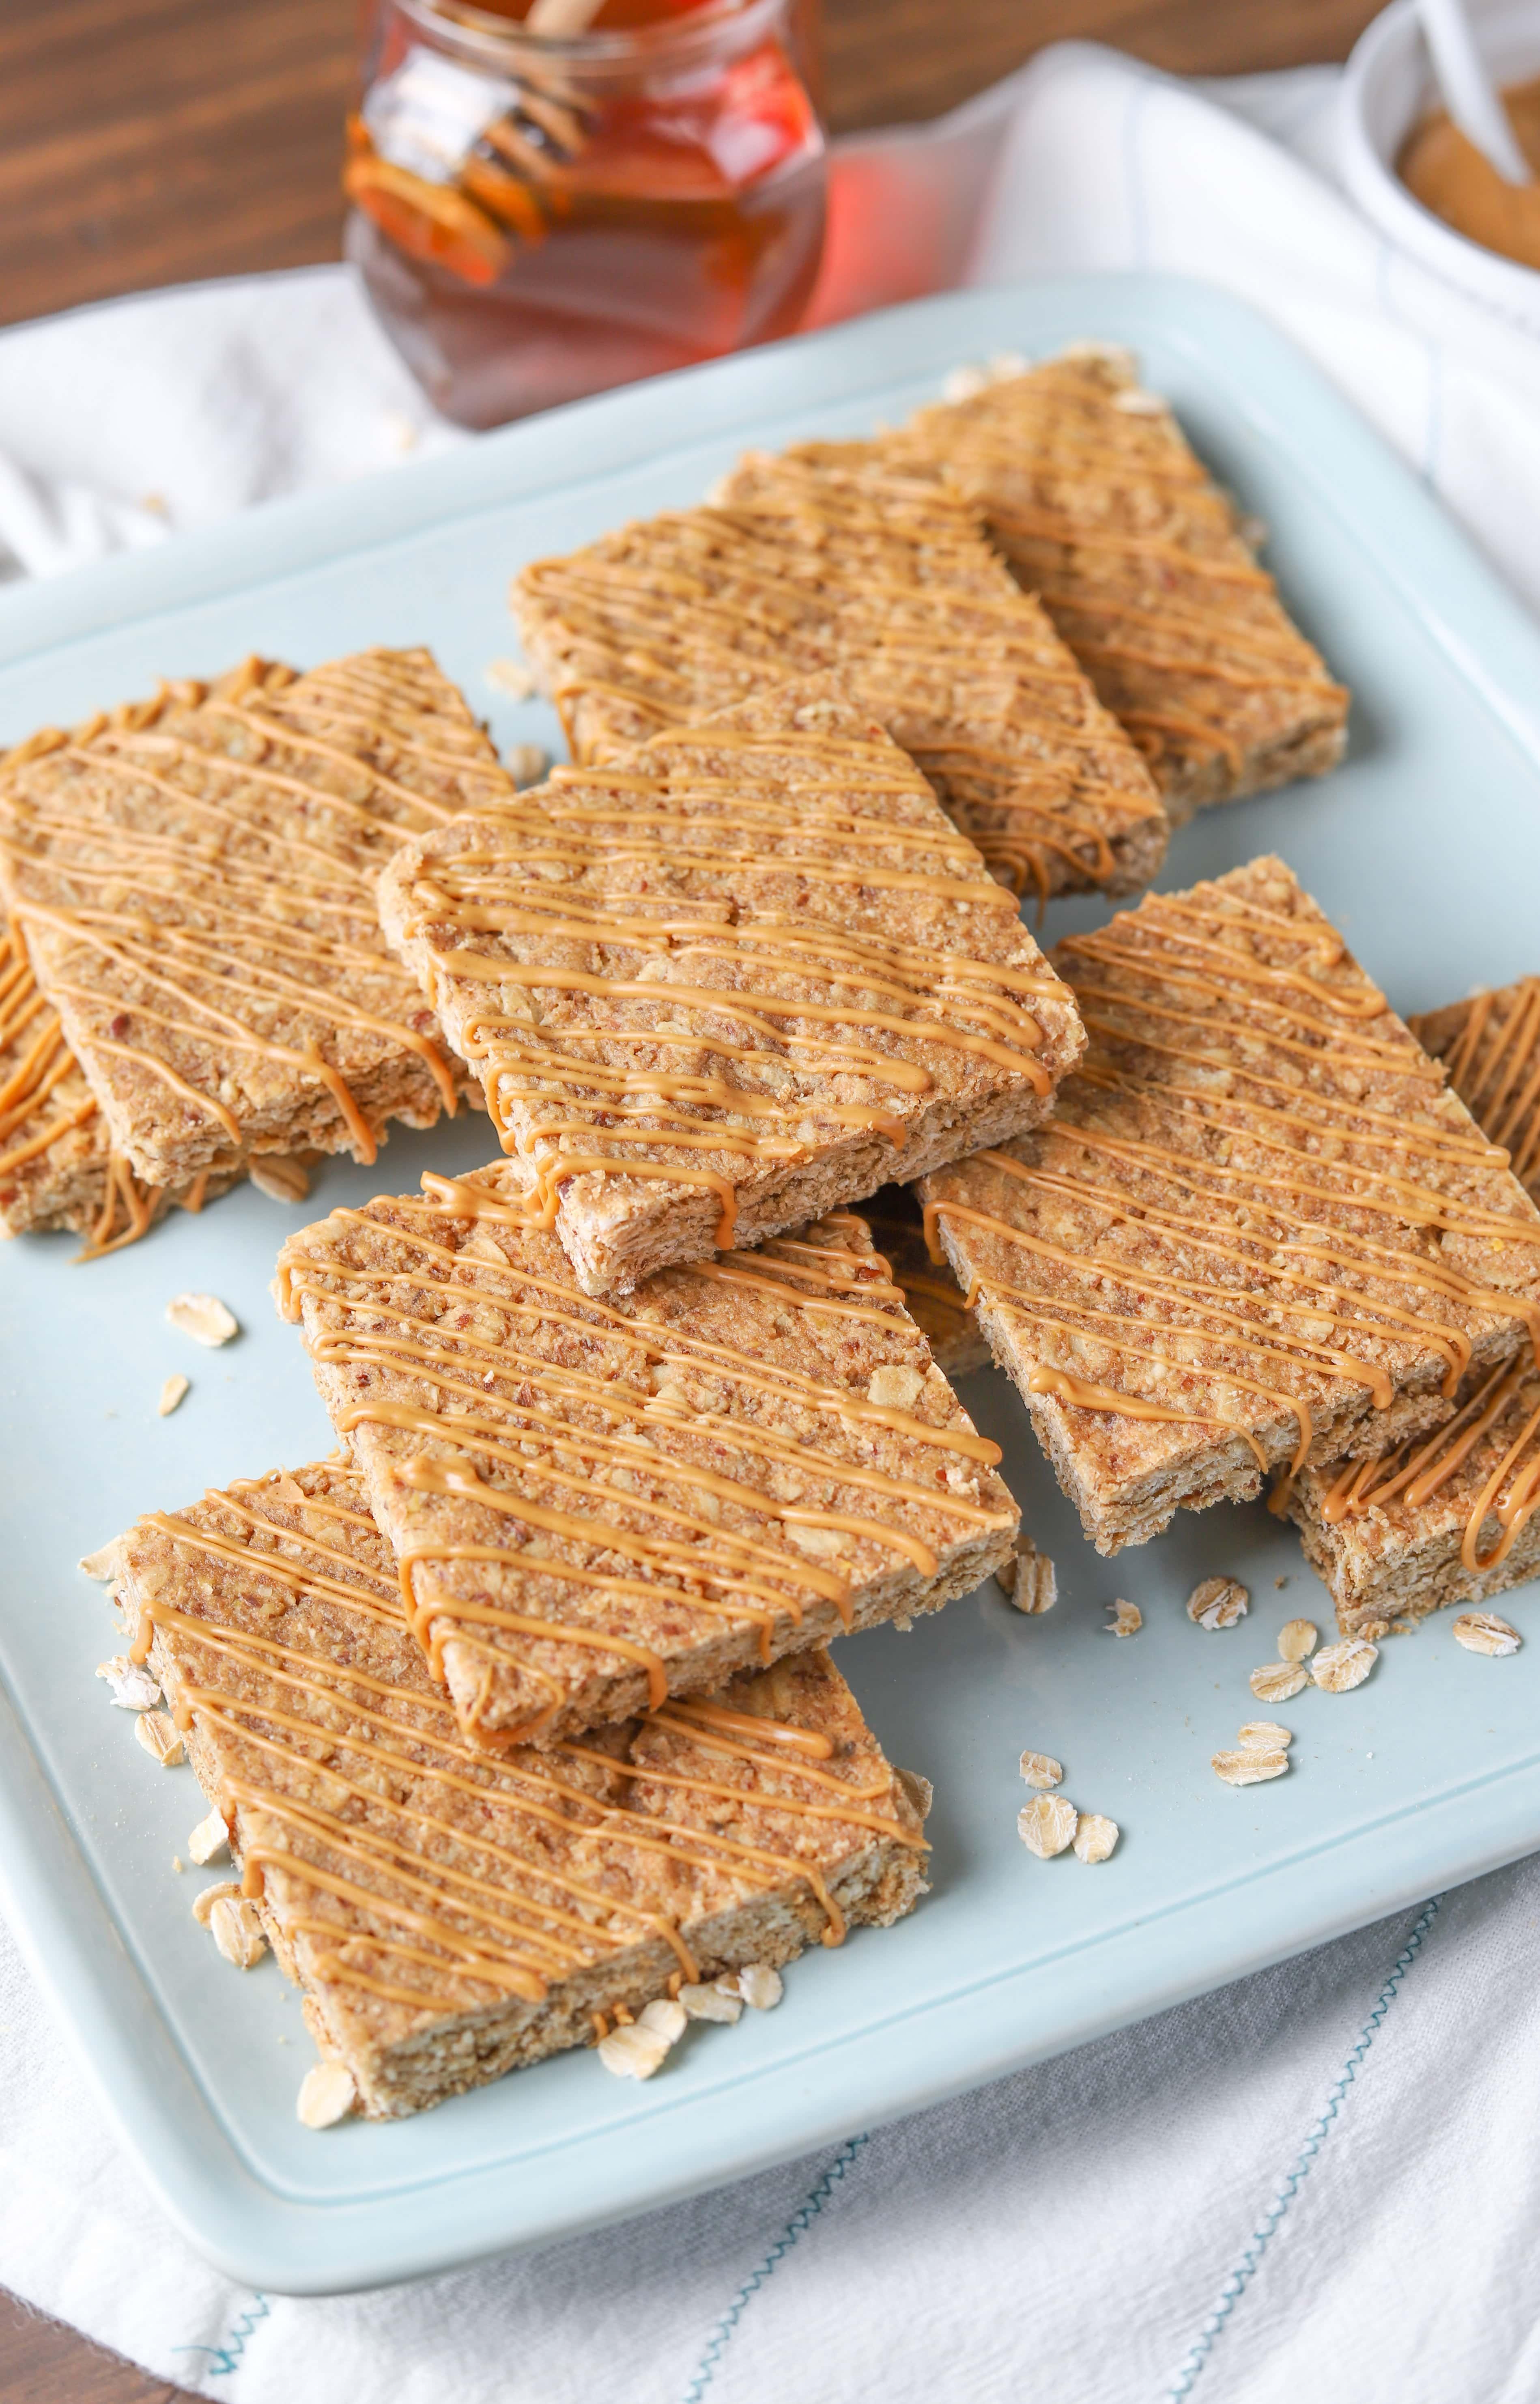 Easy Soft Baked Peanut Butter Granola Bars